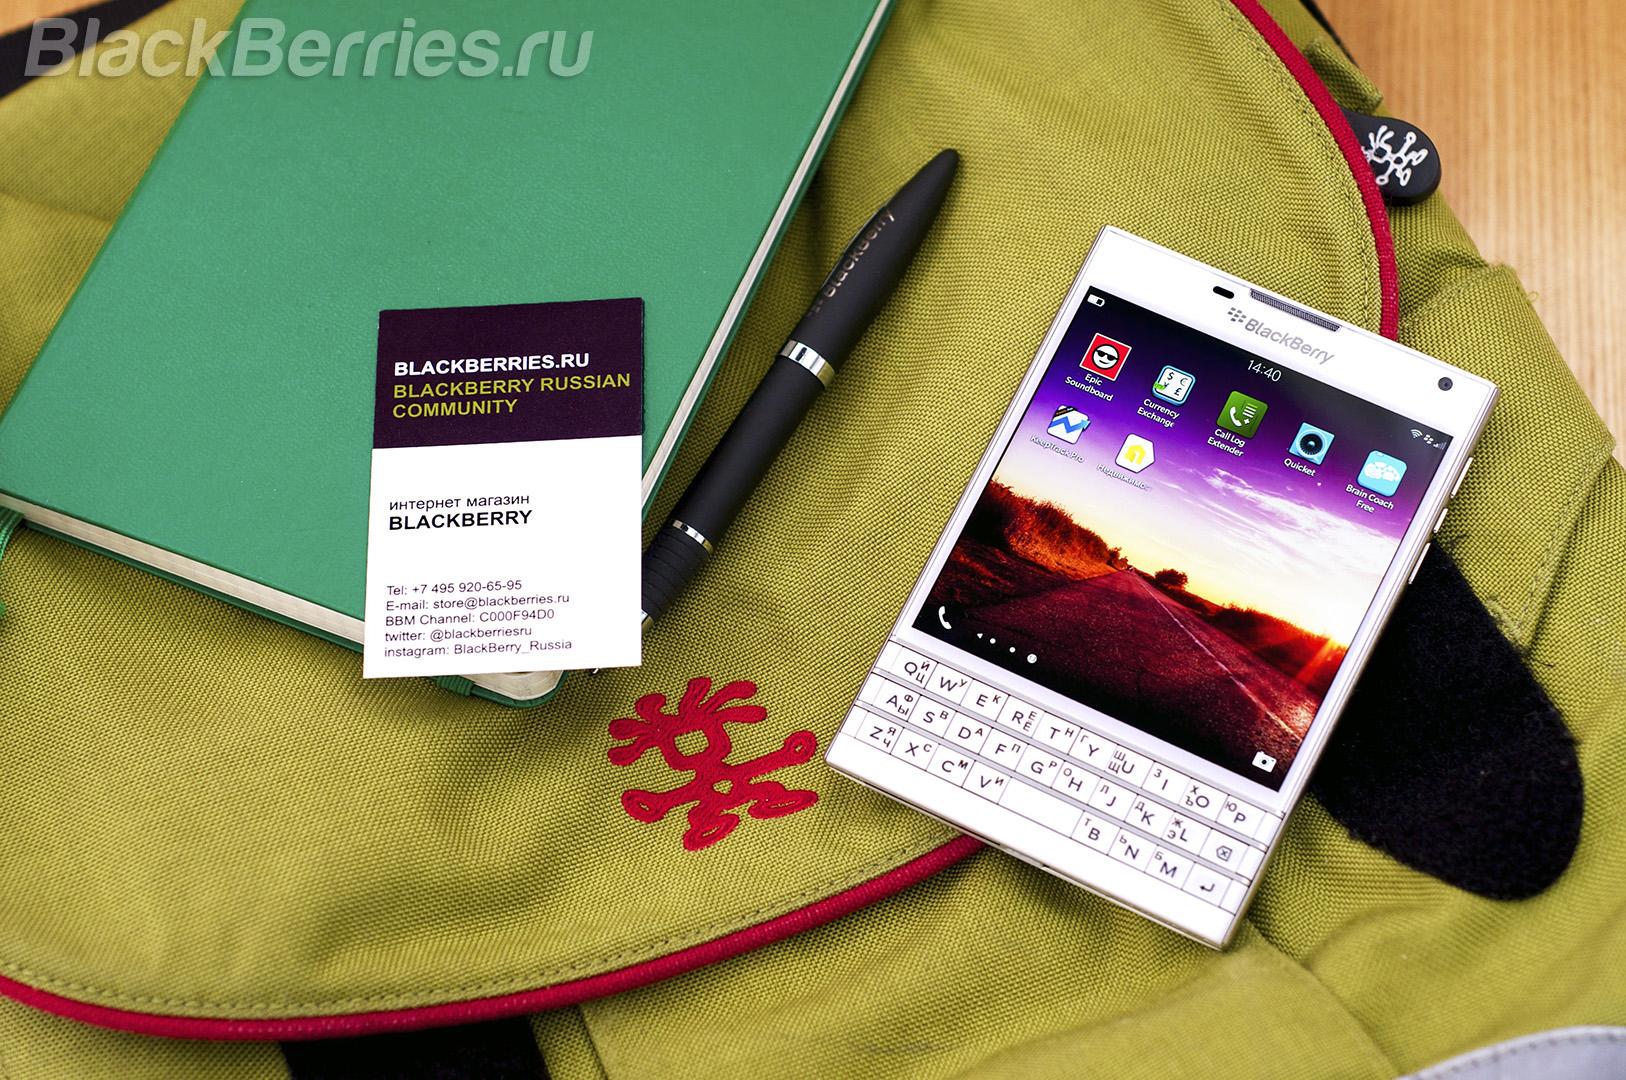 BlackBerry-Apps-12-09-09